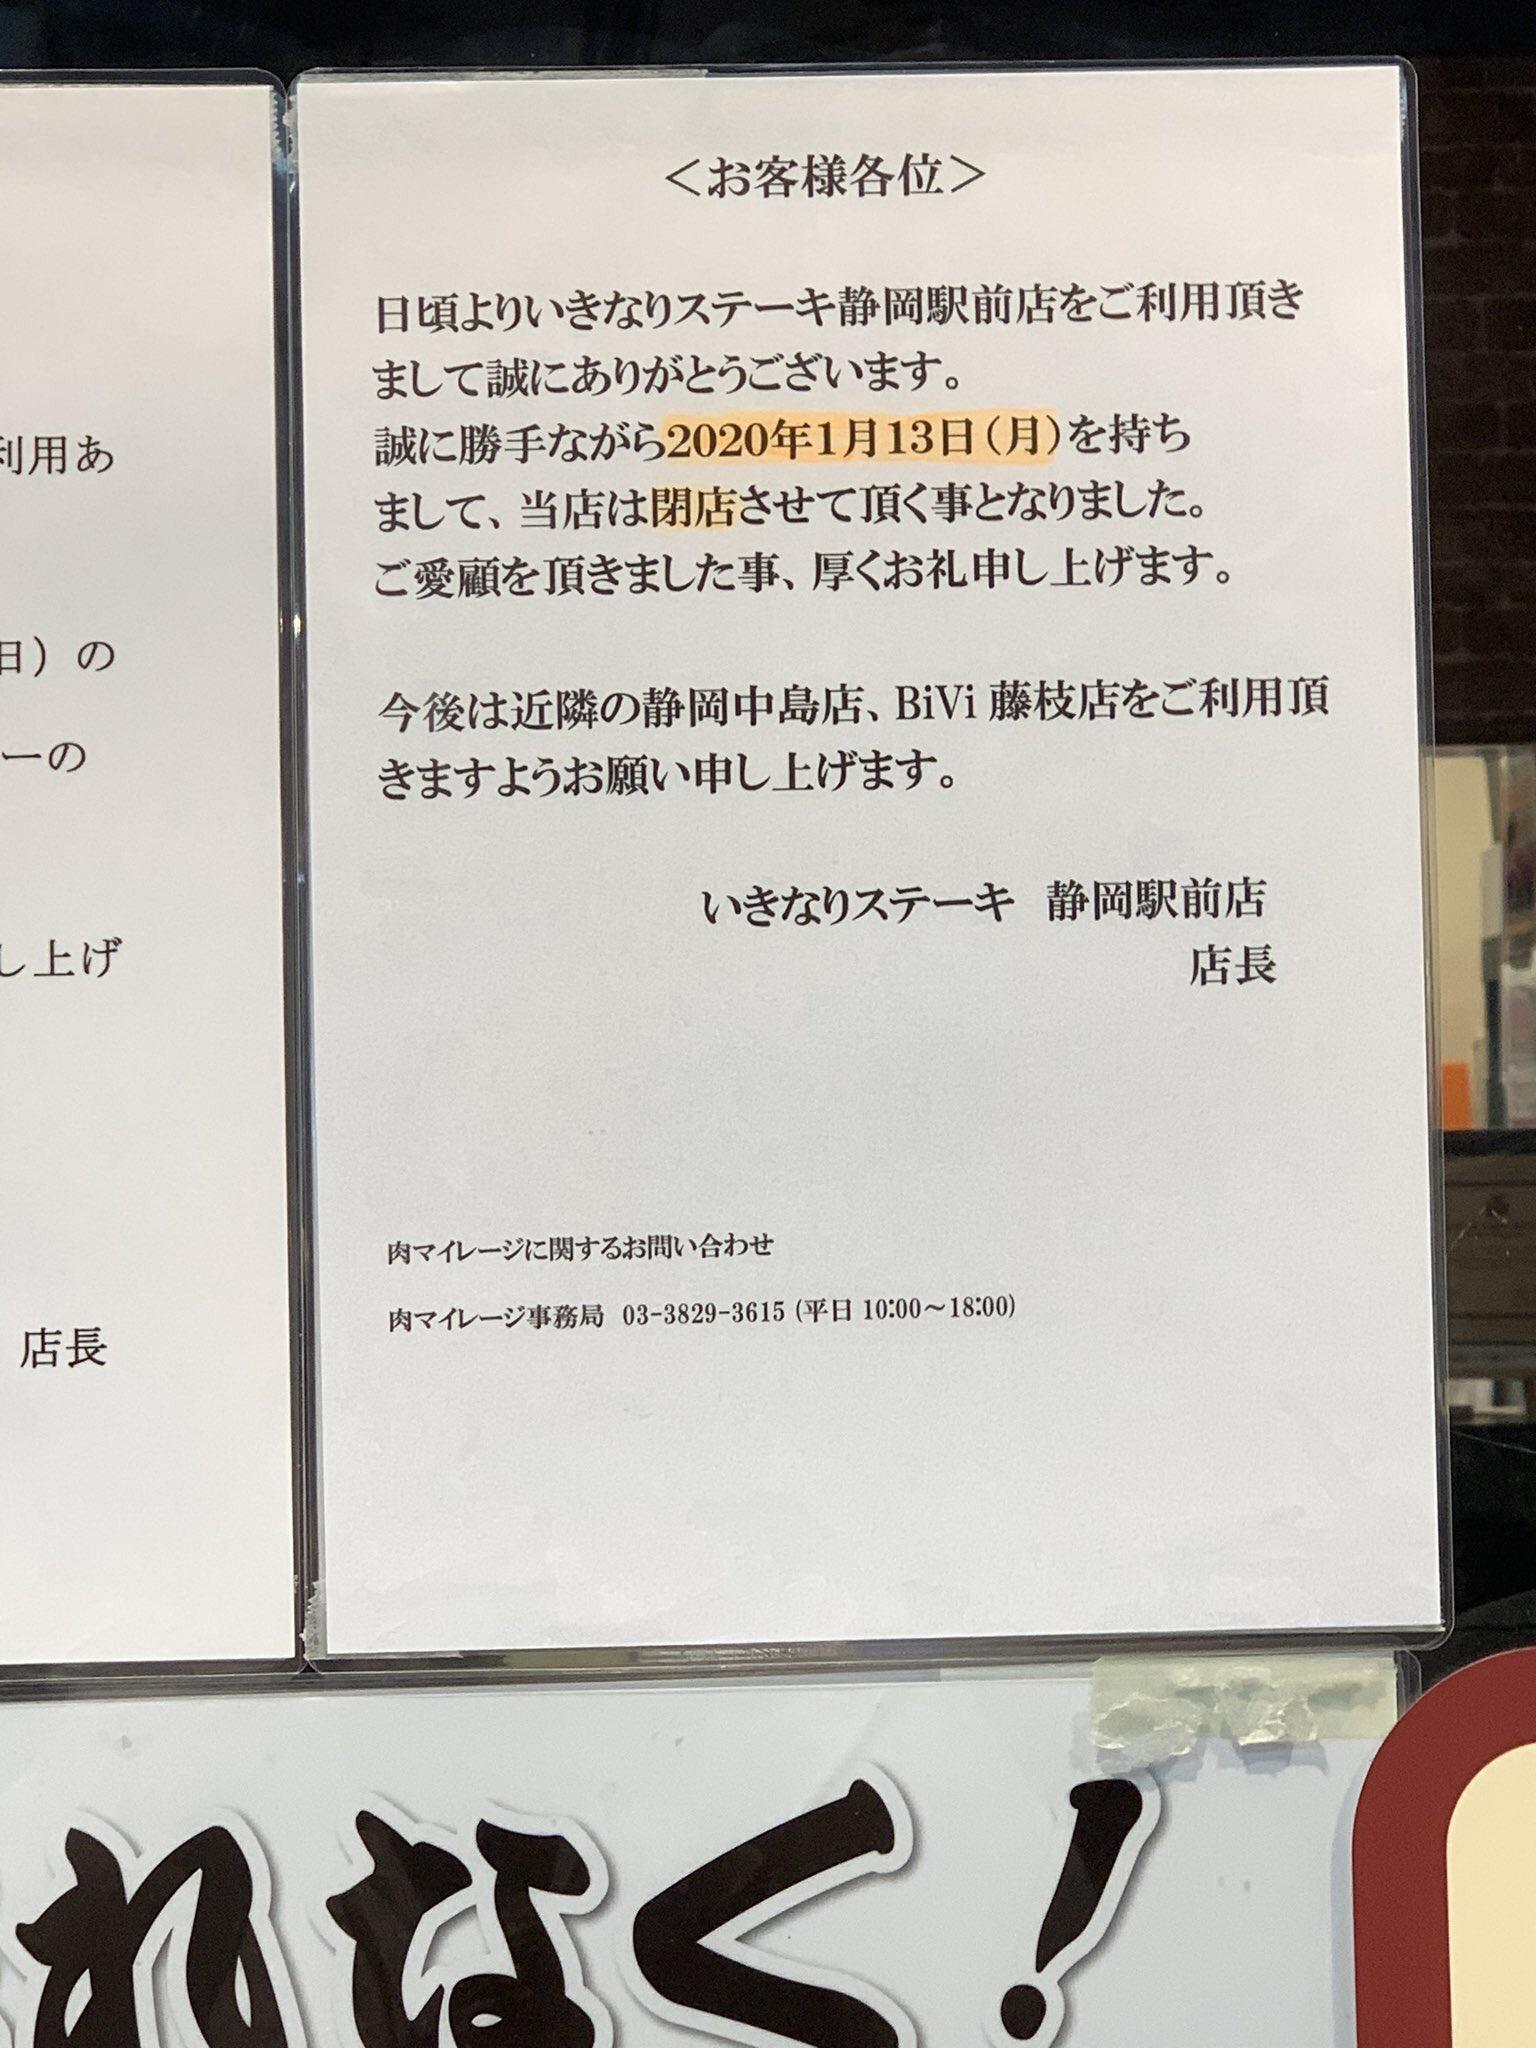 【悲報】いきなりステーキ41店舗が来月末までにいきなり閉店、お前らの近所の店は大丈夫か?